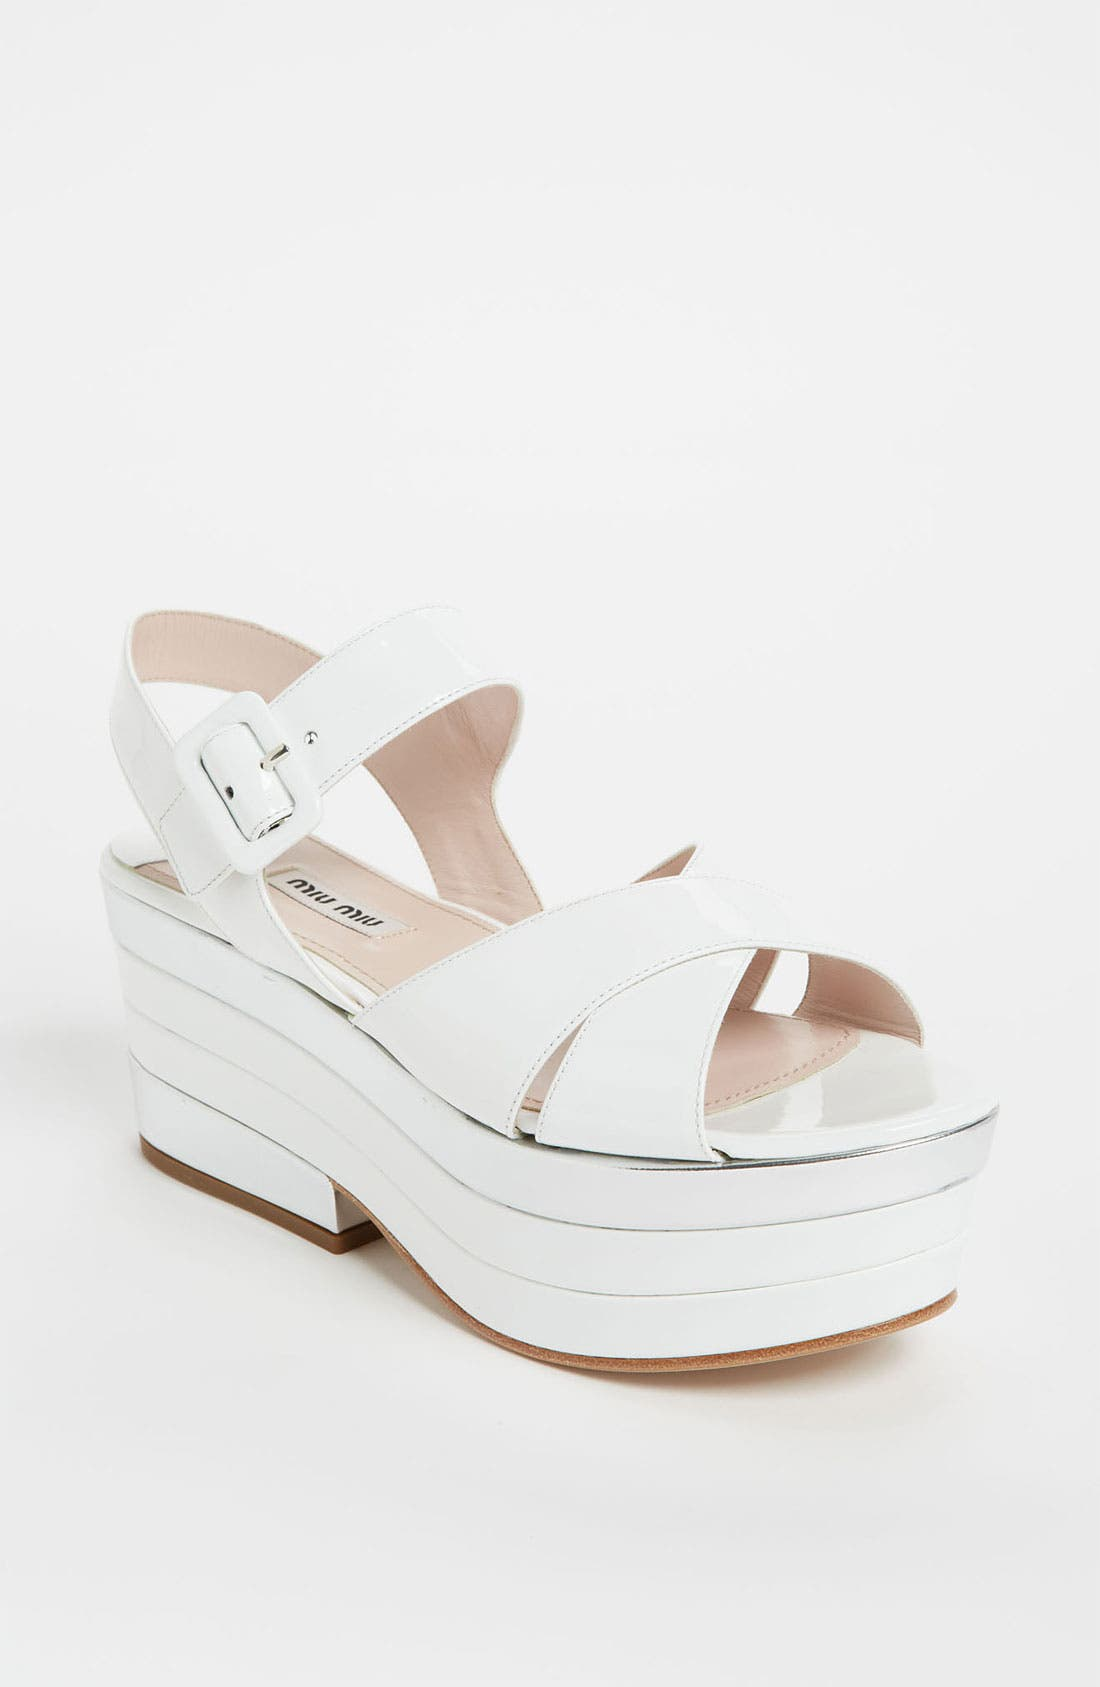 Alternate Image 1 Selected - Miu Miu Retro Sandal